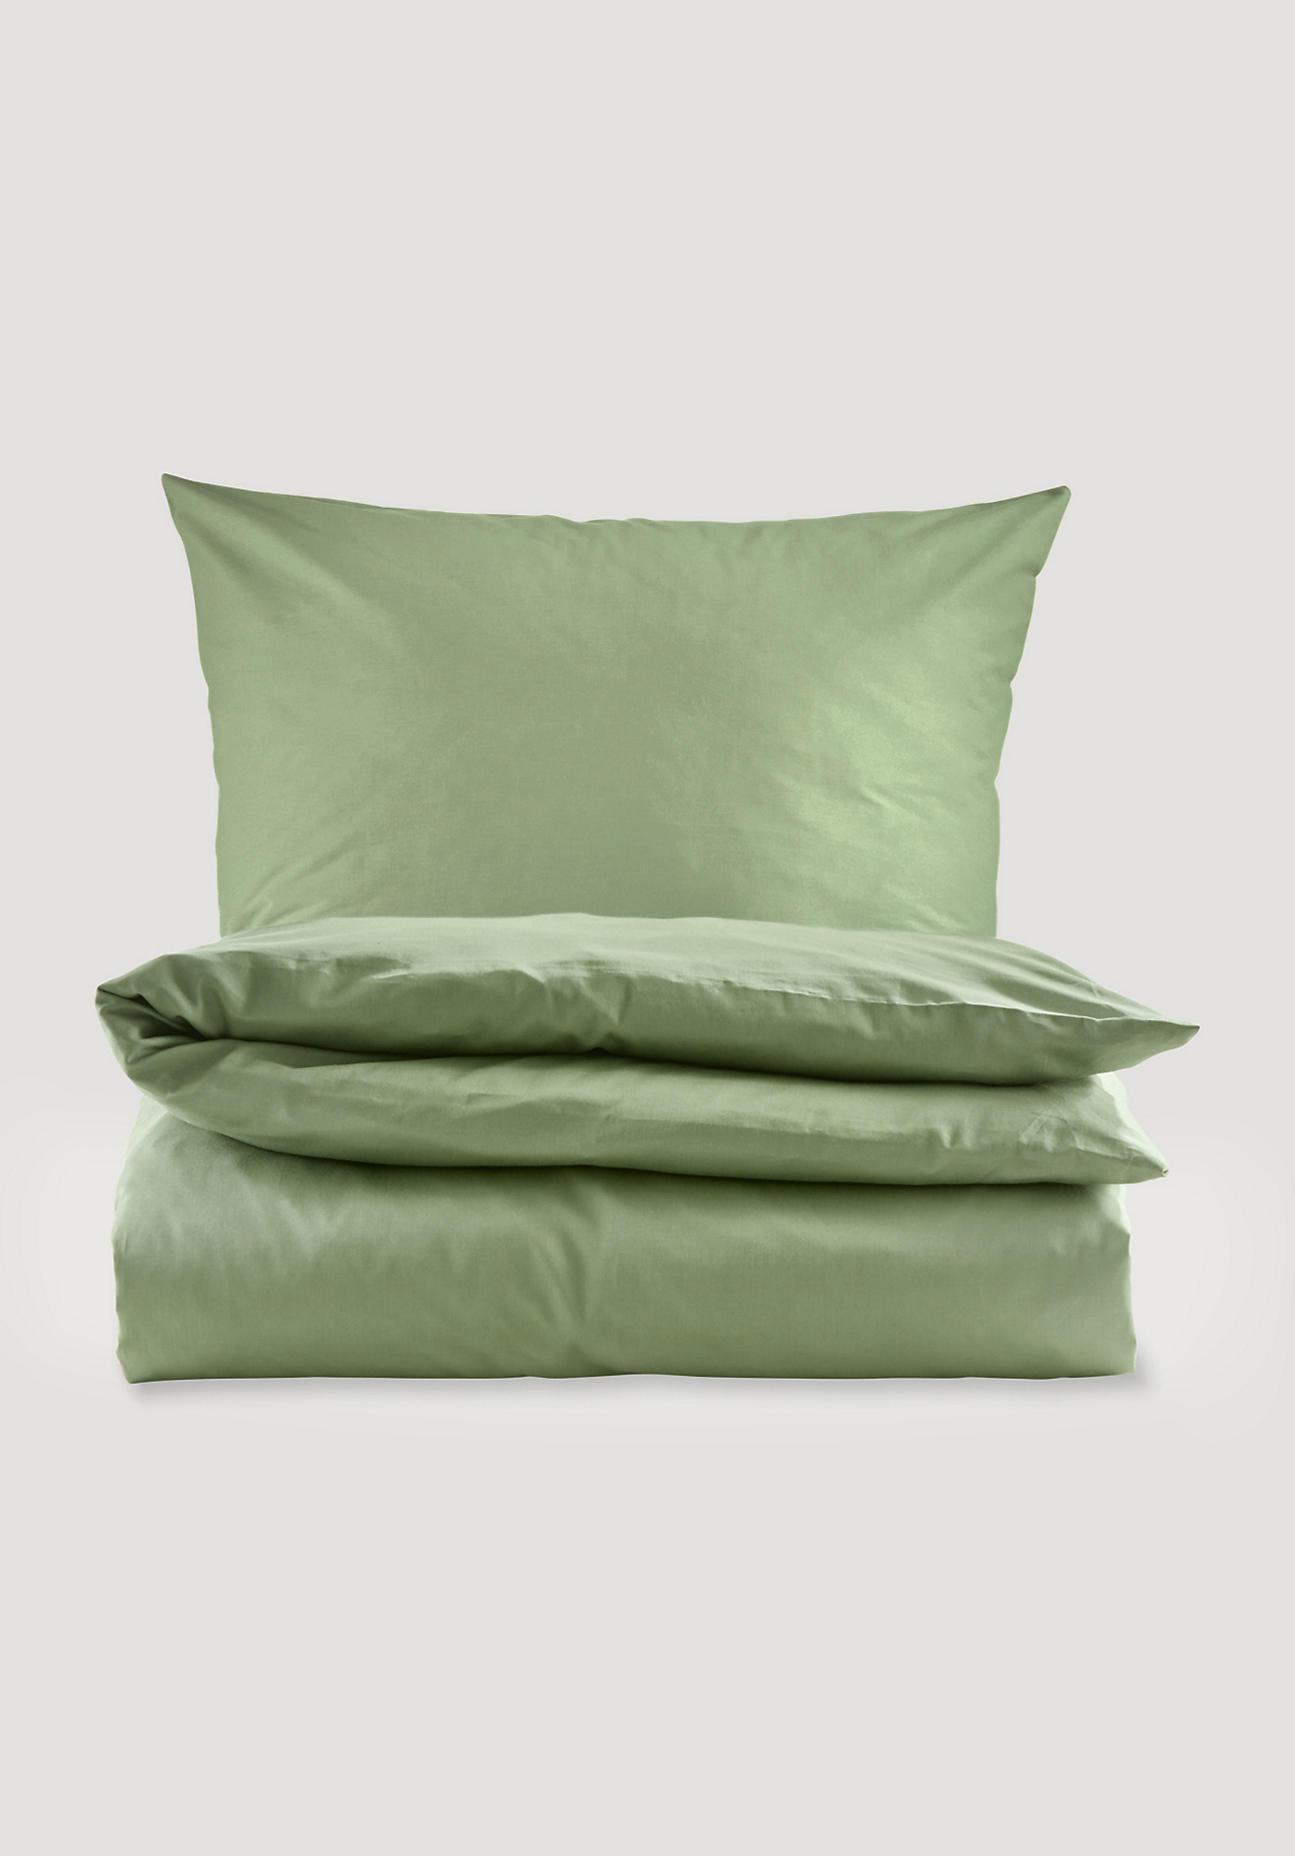 hessnatur Satin-Bettwäsche aus Bio-Baumwolle - grün Größe 135x200+40x80 cm